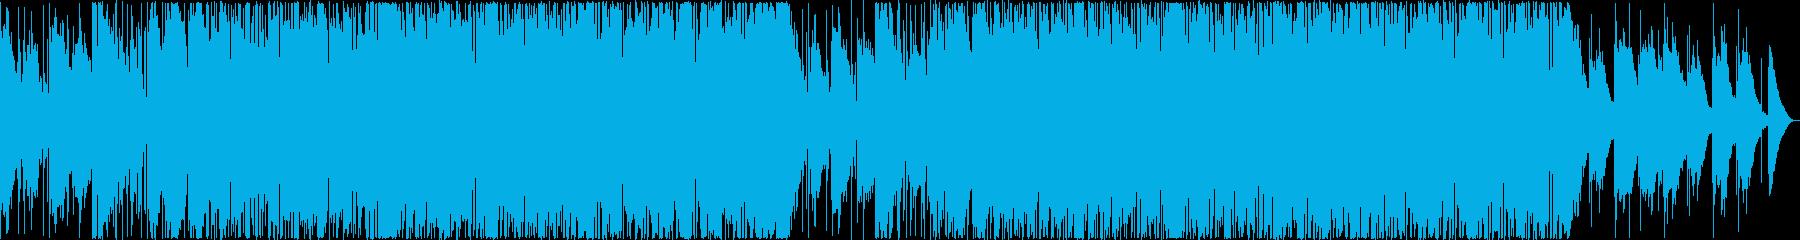 大人っぽいおしゃれなAORバラードの再生済みの波形